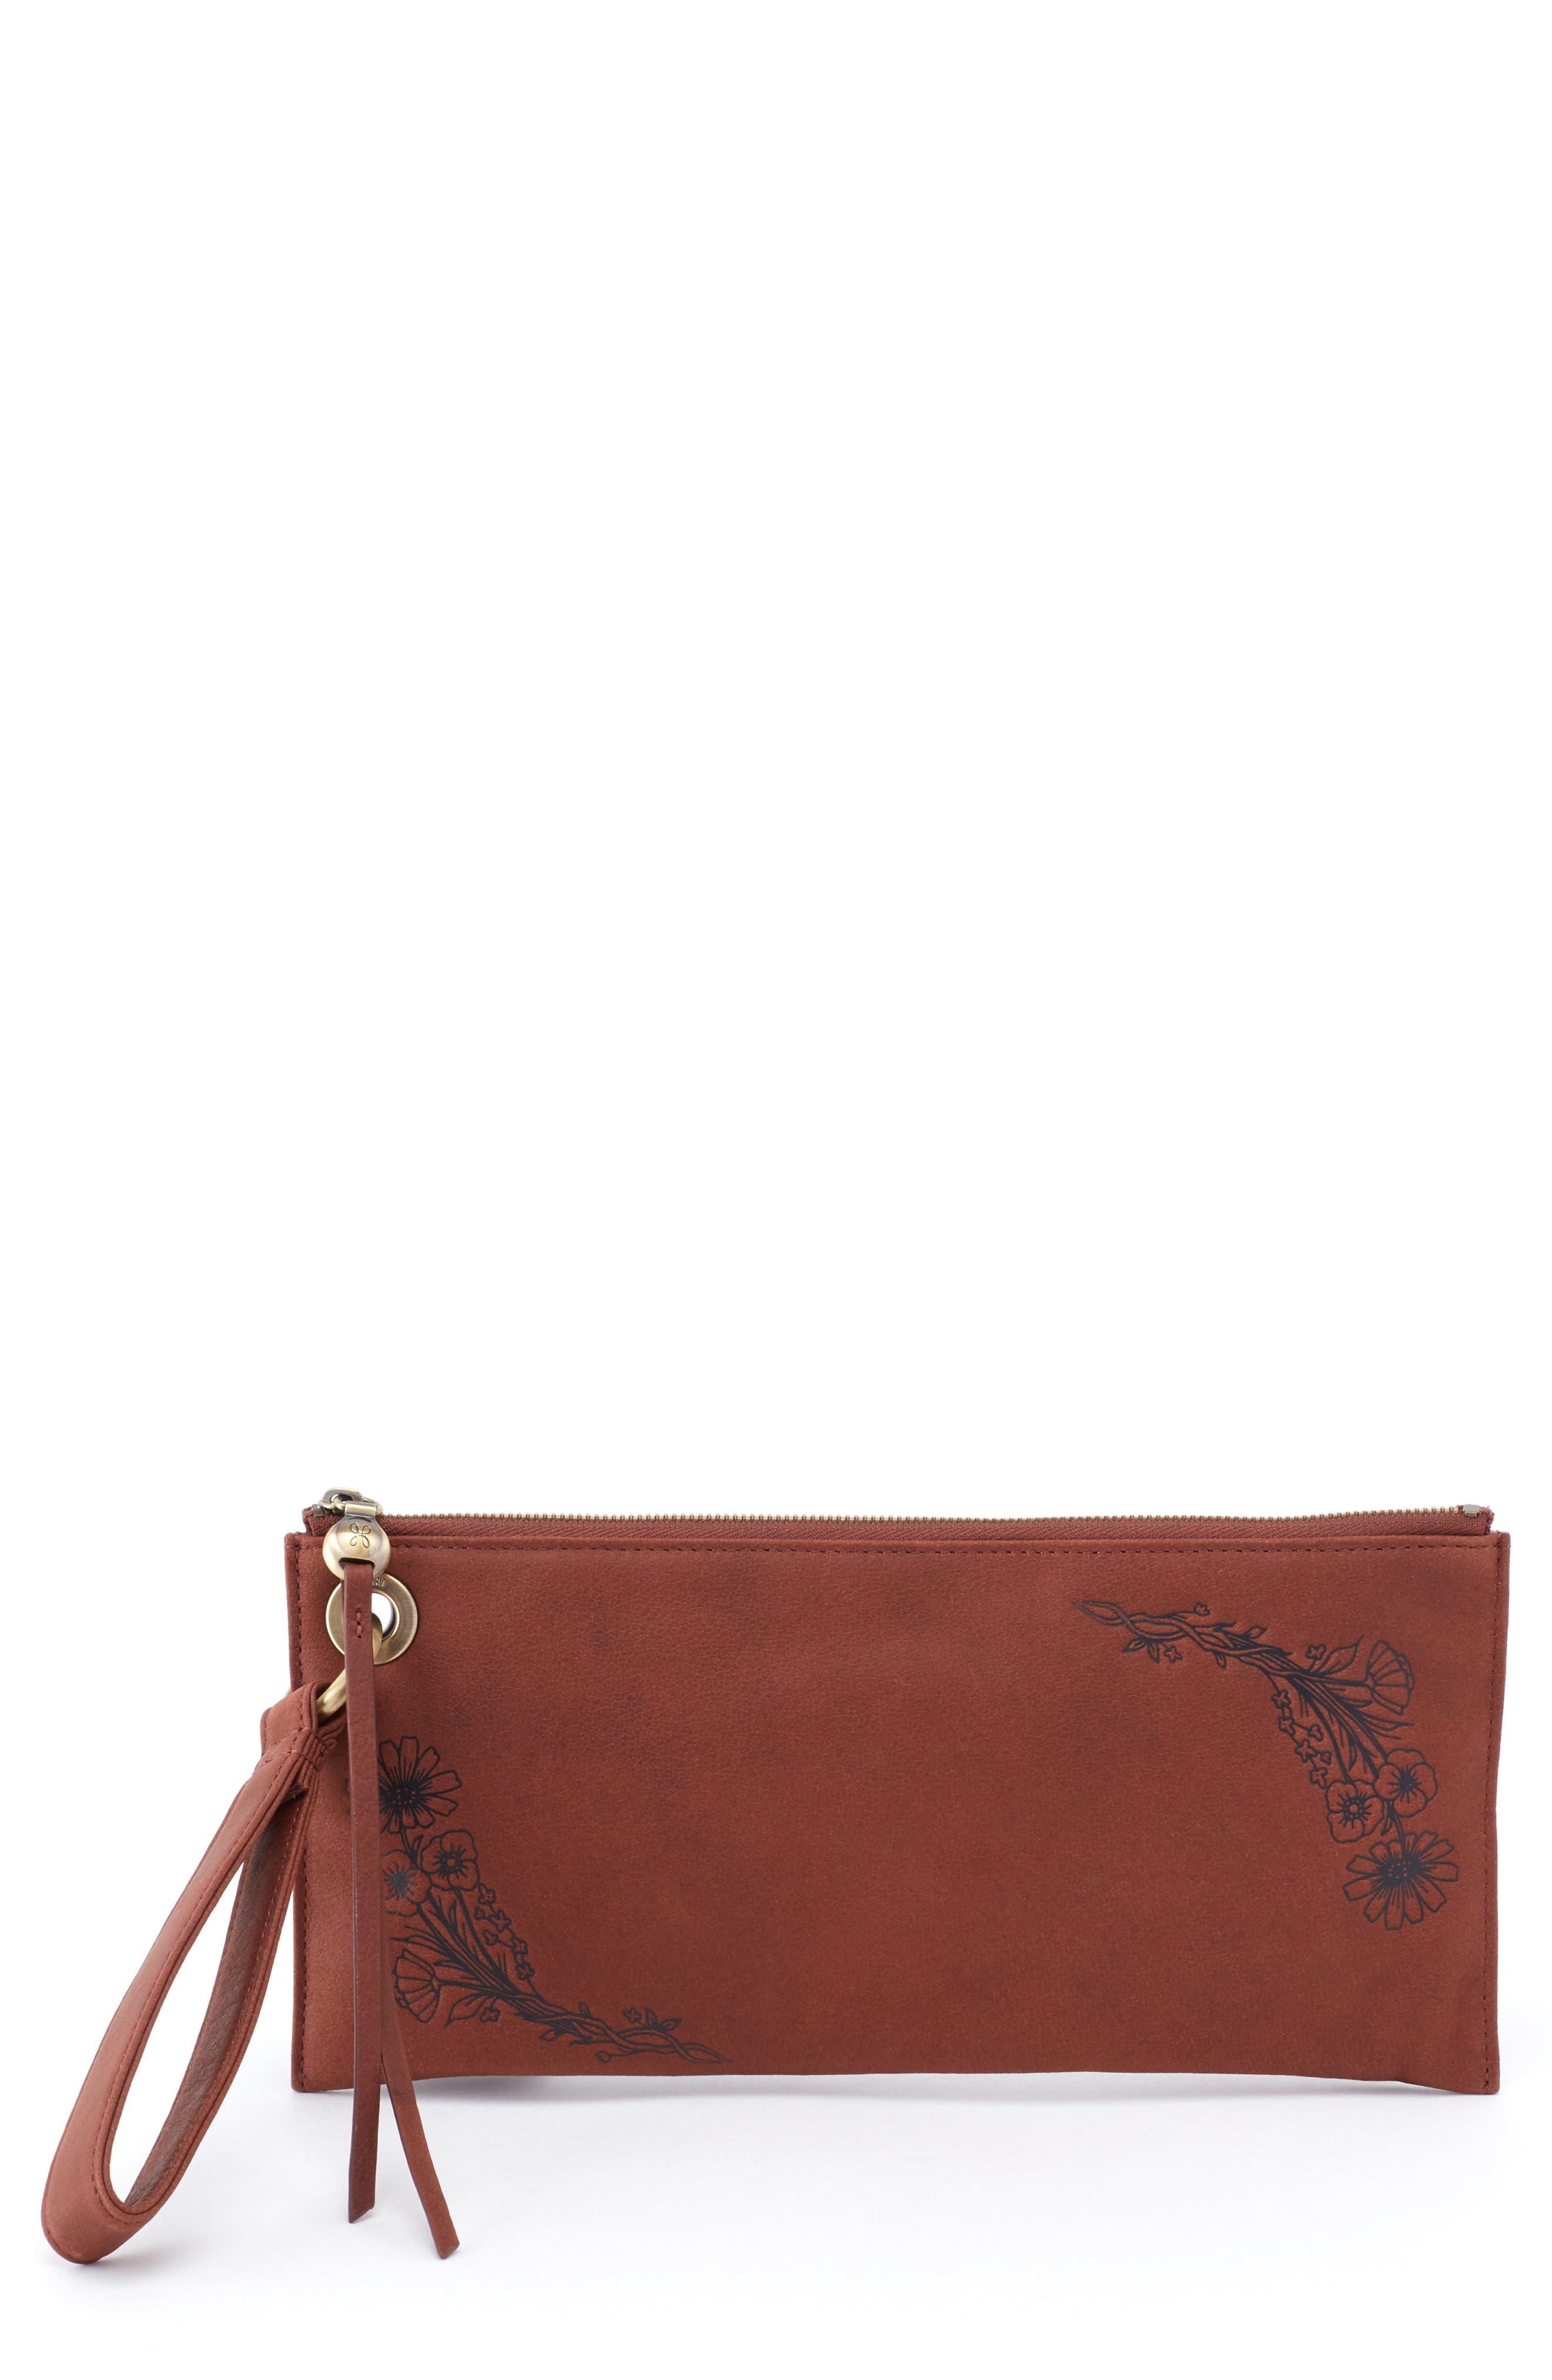 Vida Floral Leather Wristlet, Main, color, CHESTNUT